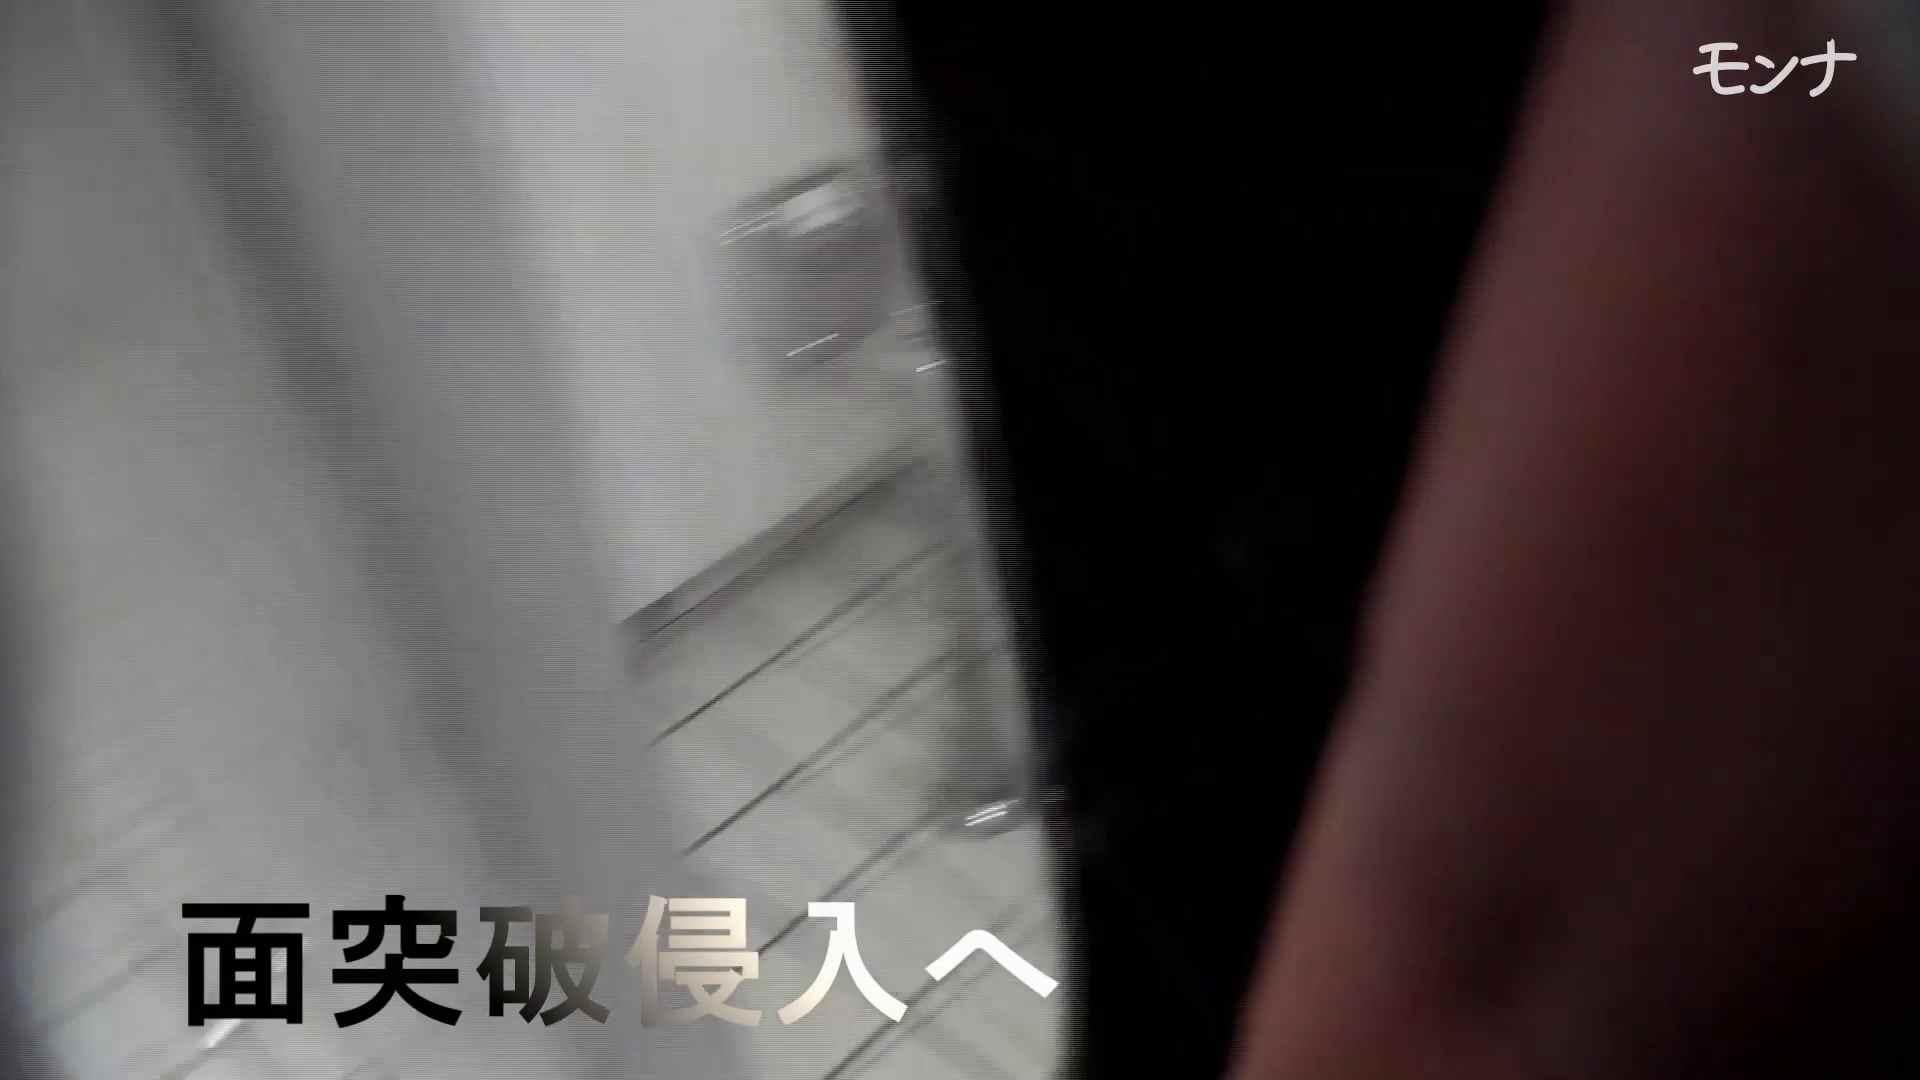 美しい日本の未来 No.50 強硬突入、友達同士同時に撮れるのか? おまんこ無修正 盗み撮りオマンコ動画キャプチャ 28pic 11